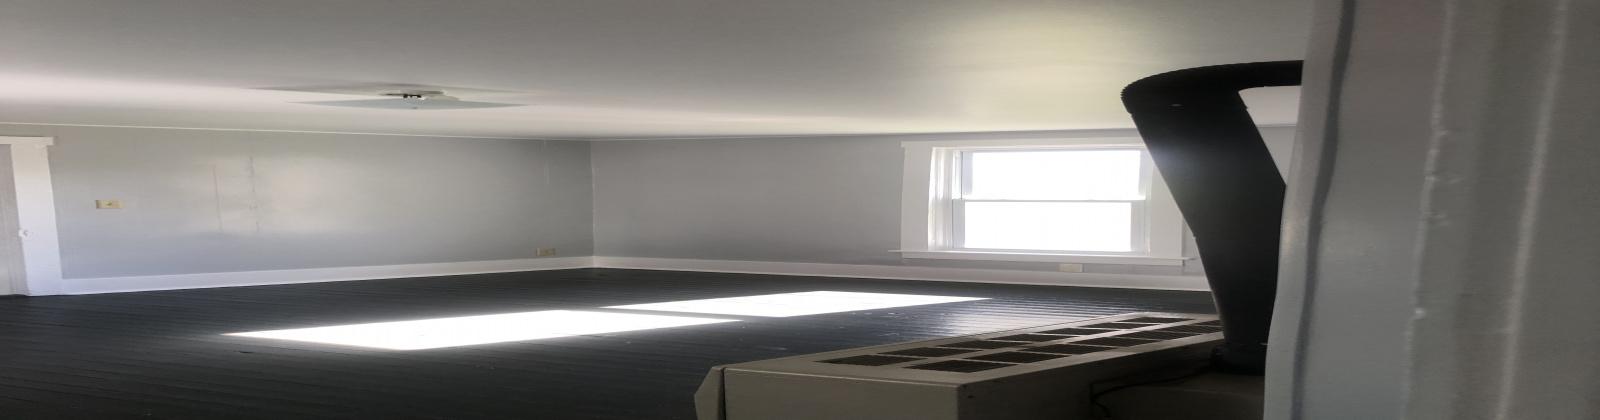 208 W Union Street Athens, Ohio, 1 Bedroom Bedrooms, ,1 BathroomBathrooms,Apartment,For Rent,W Union,1039